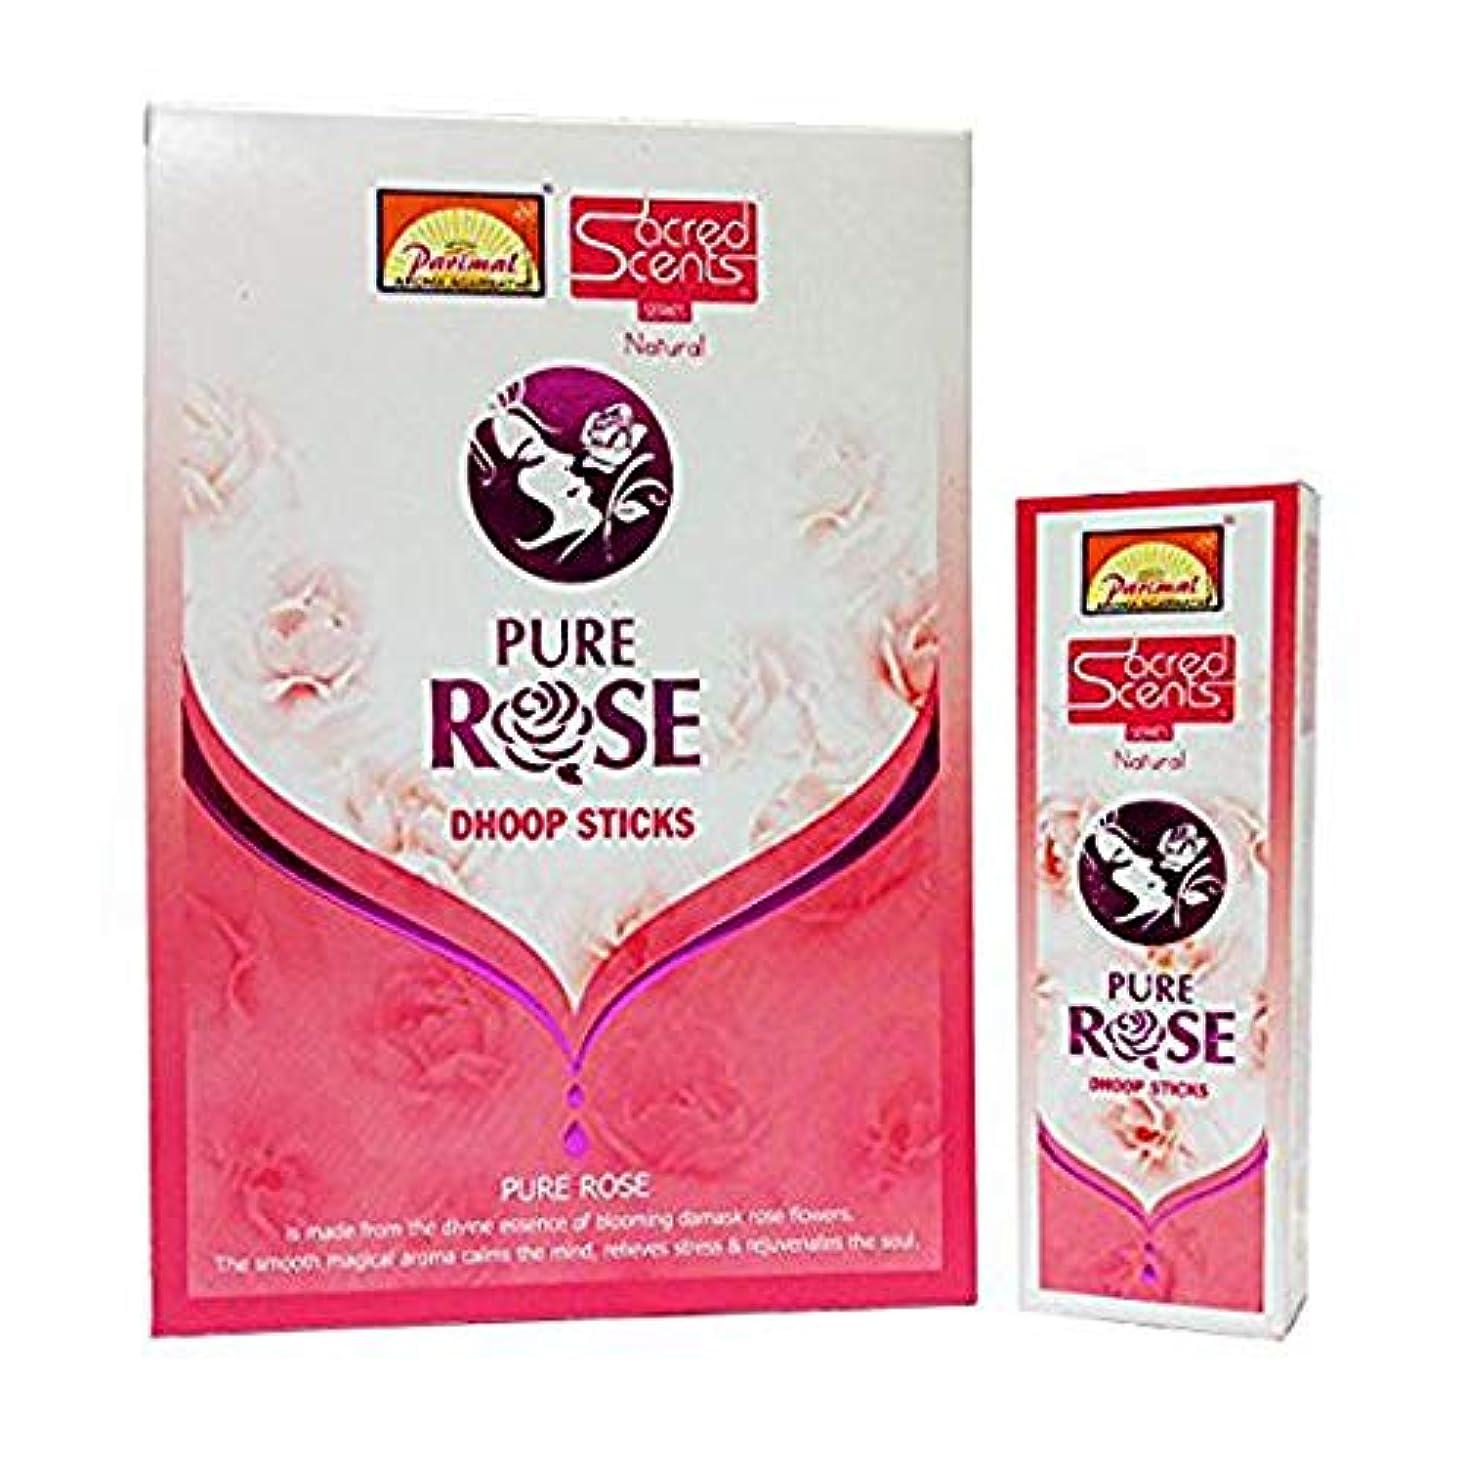 案件さておき助言するParimal Sacred Scents Pure Rose Dhoop Sticks 50グラムパック、6カウントin aボックス